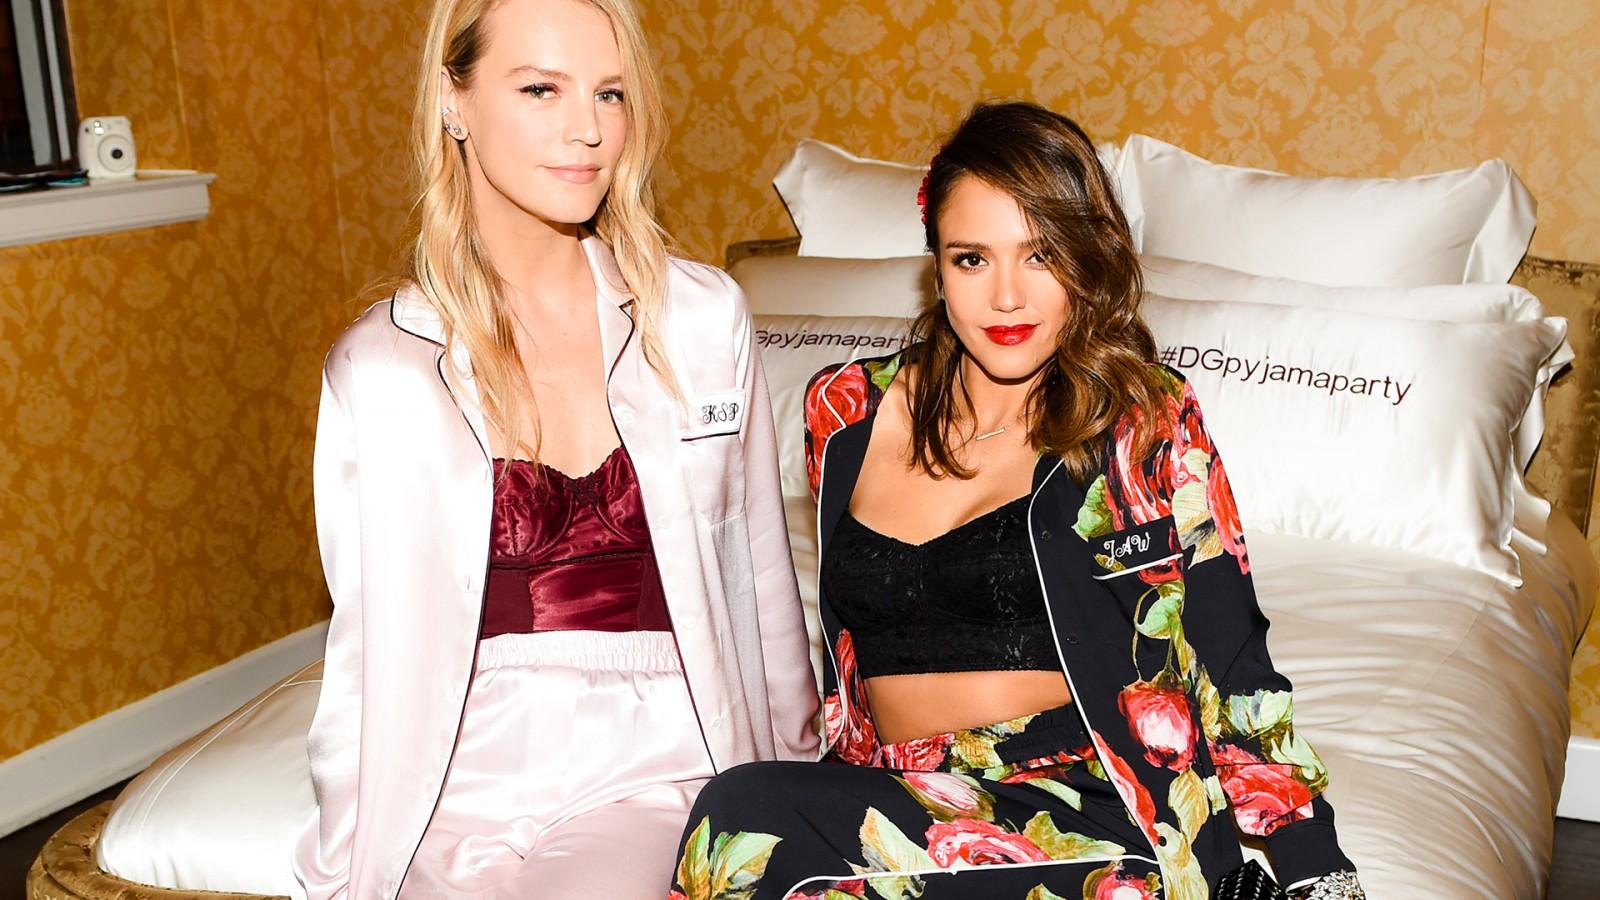 Dolce & Gabbana Pyjama Party 2016